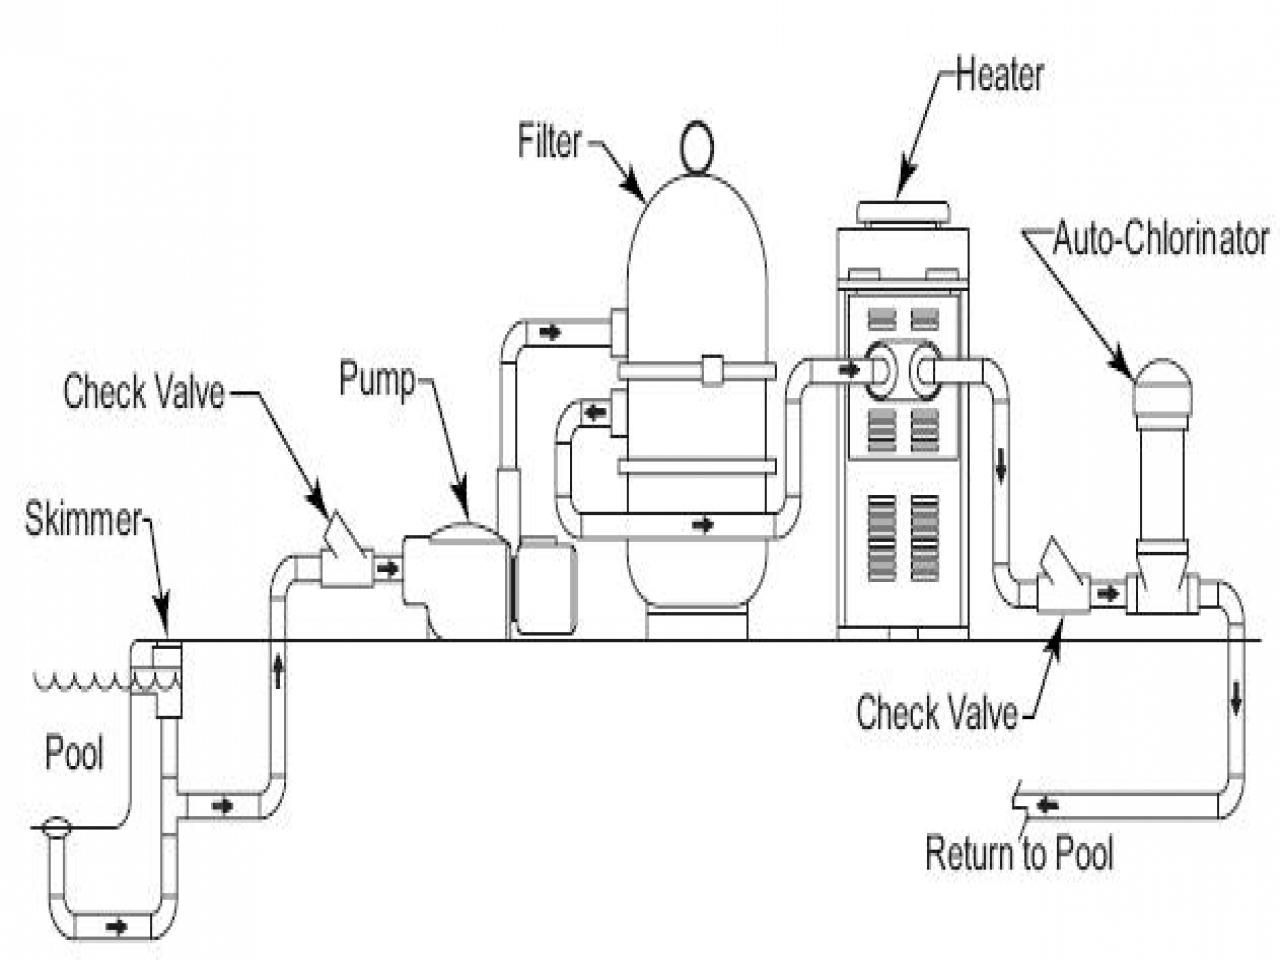 plumbing schematics for pools